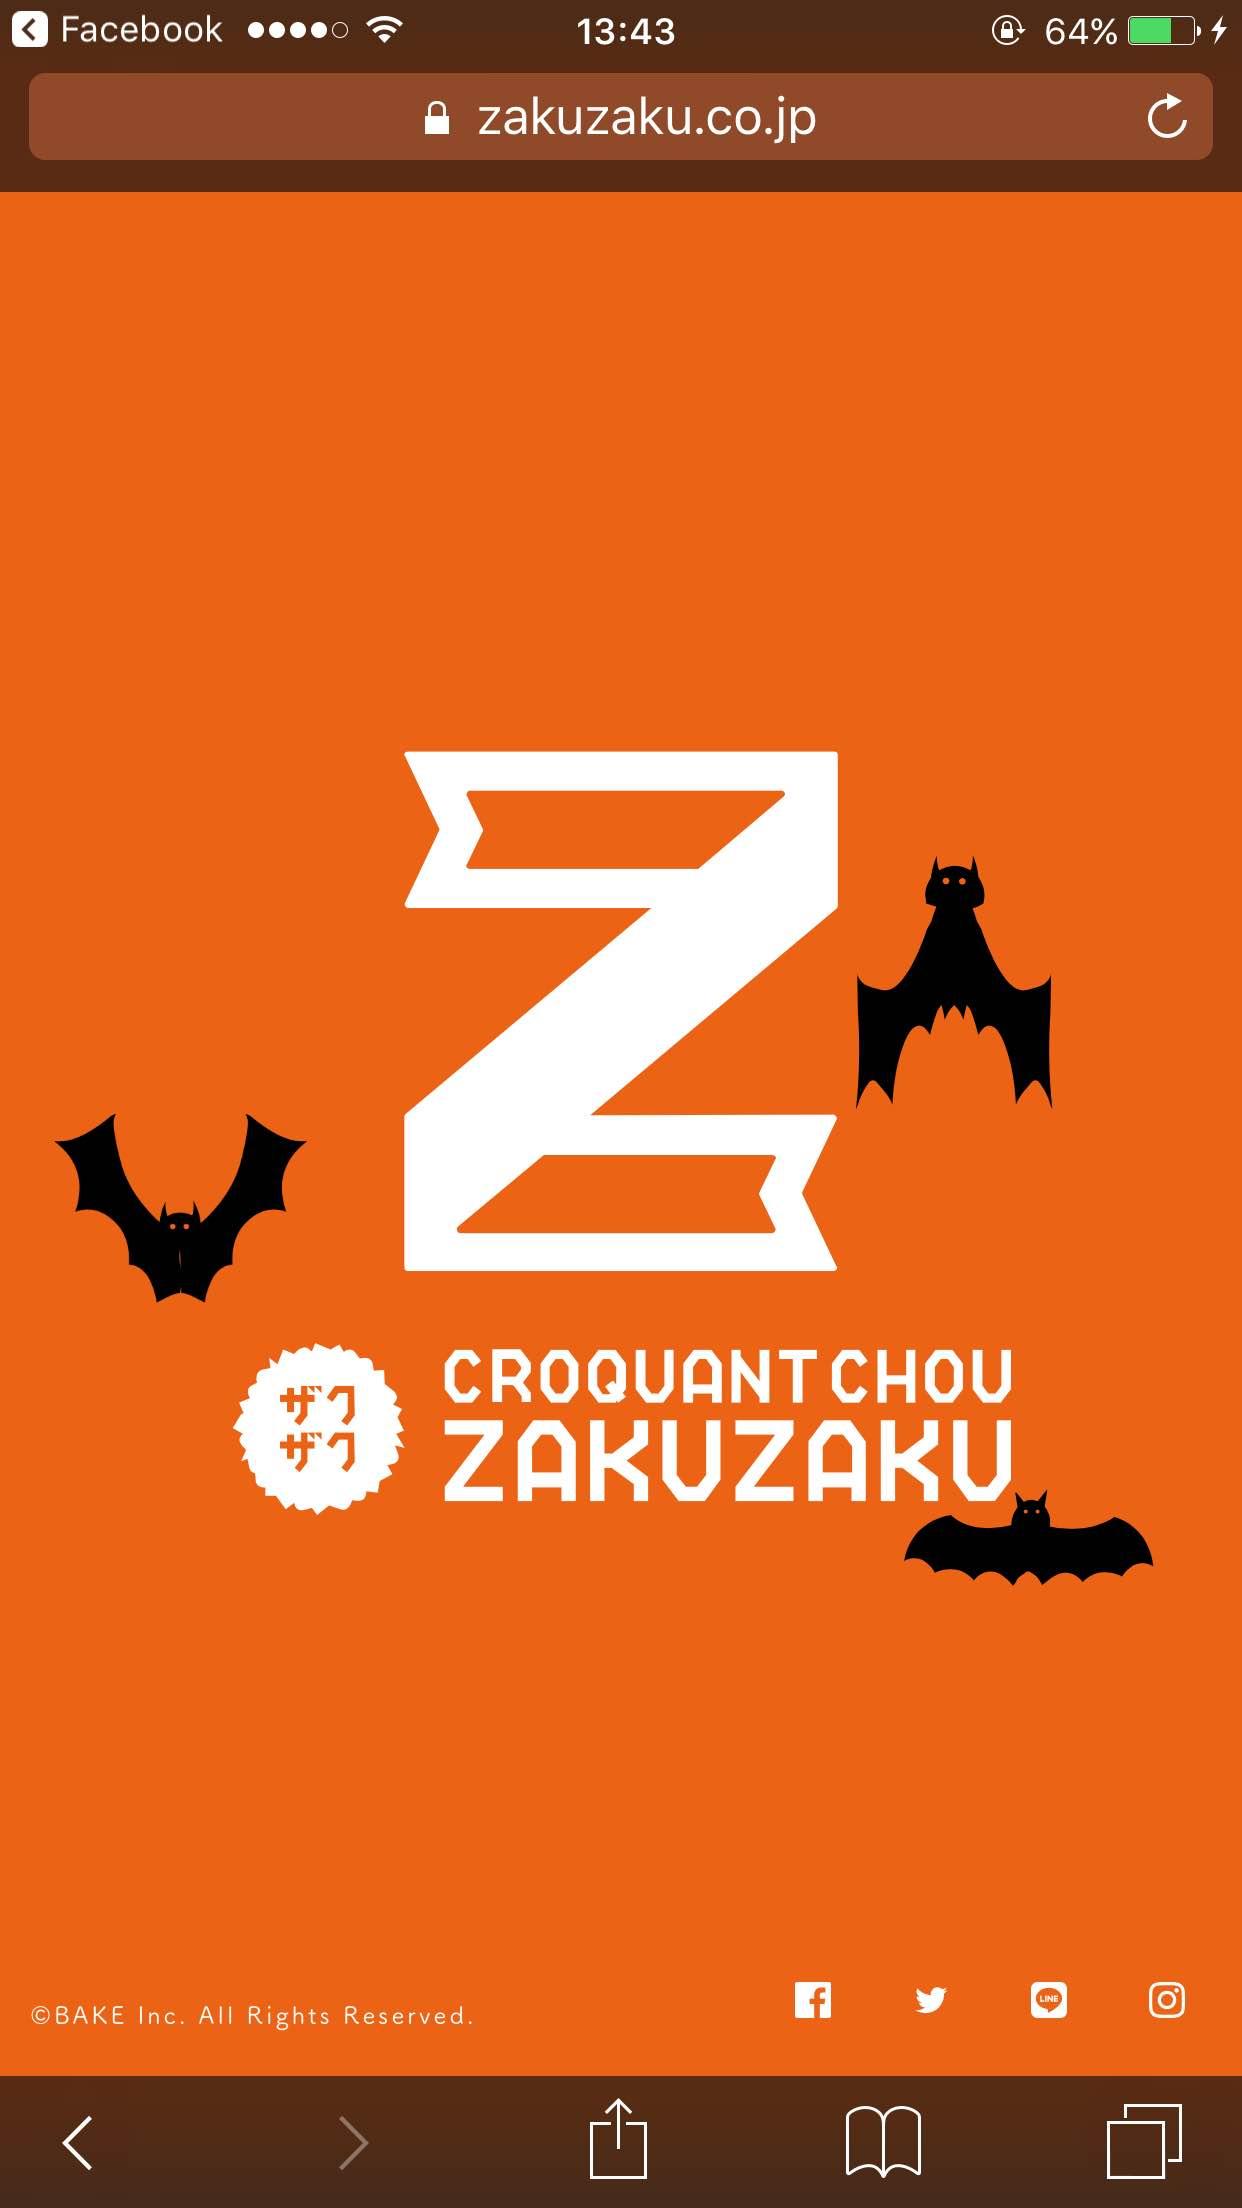 カボザク | Z クロッカンシュー ザクザク[ZAKUZAKU]